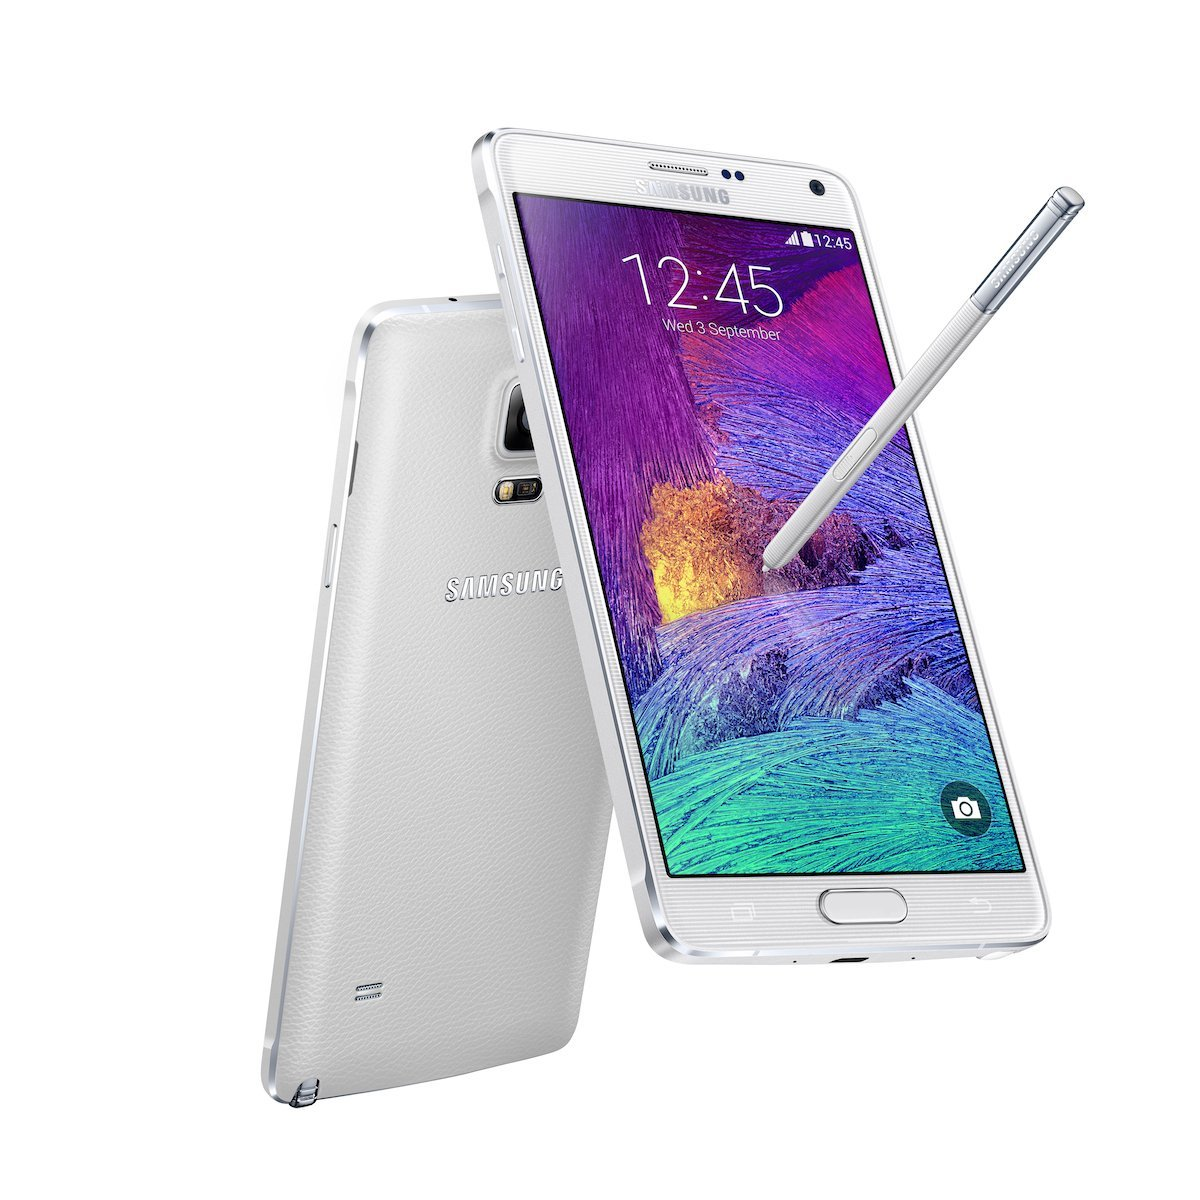 Le Samsung Galaxy Note 4 est officiel : fiche technique, prix et disponibilité